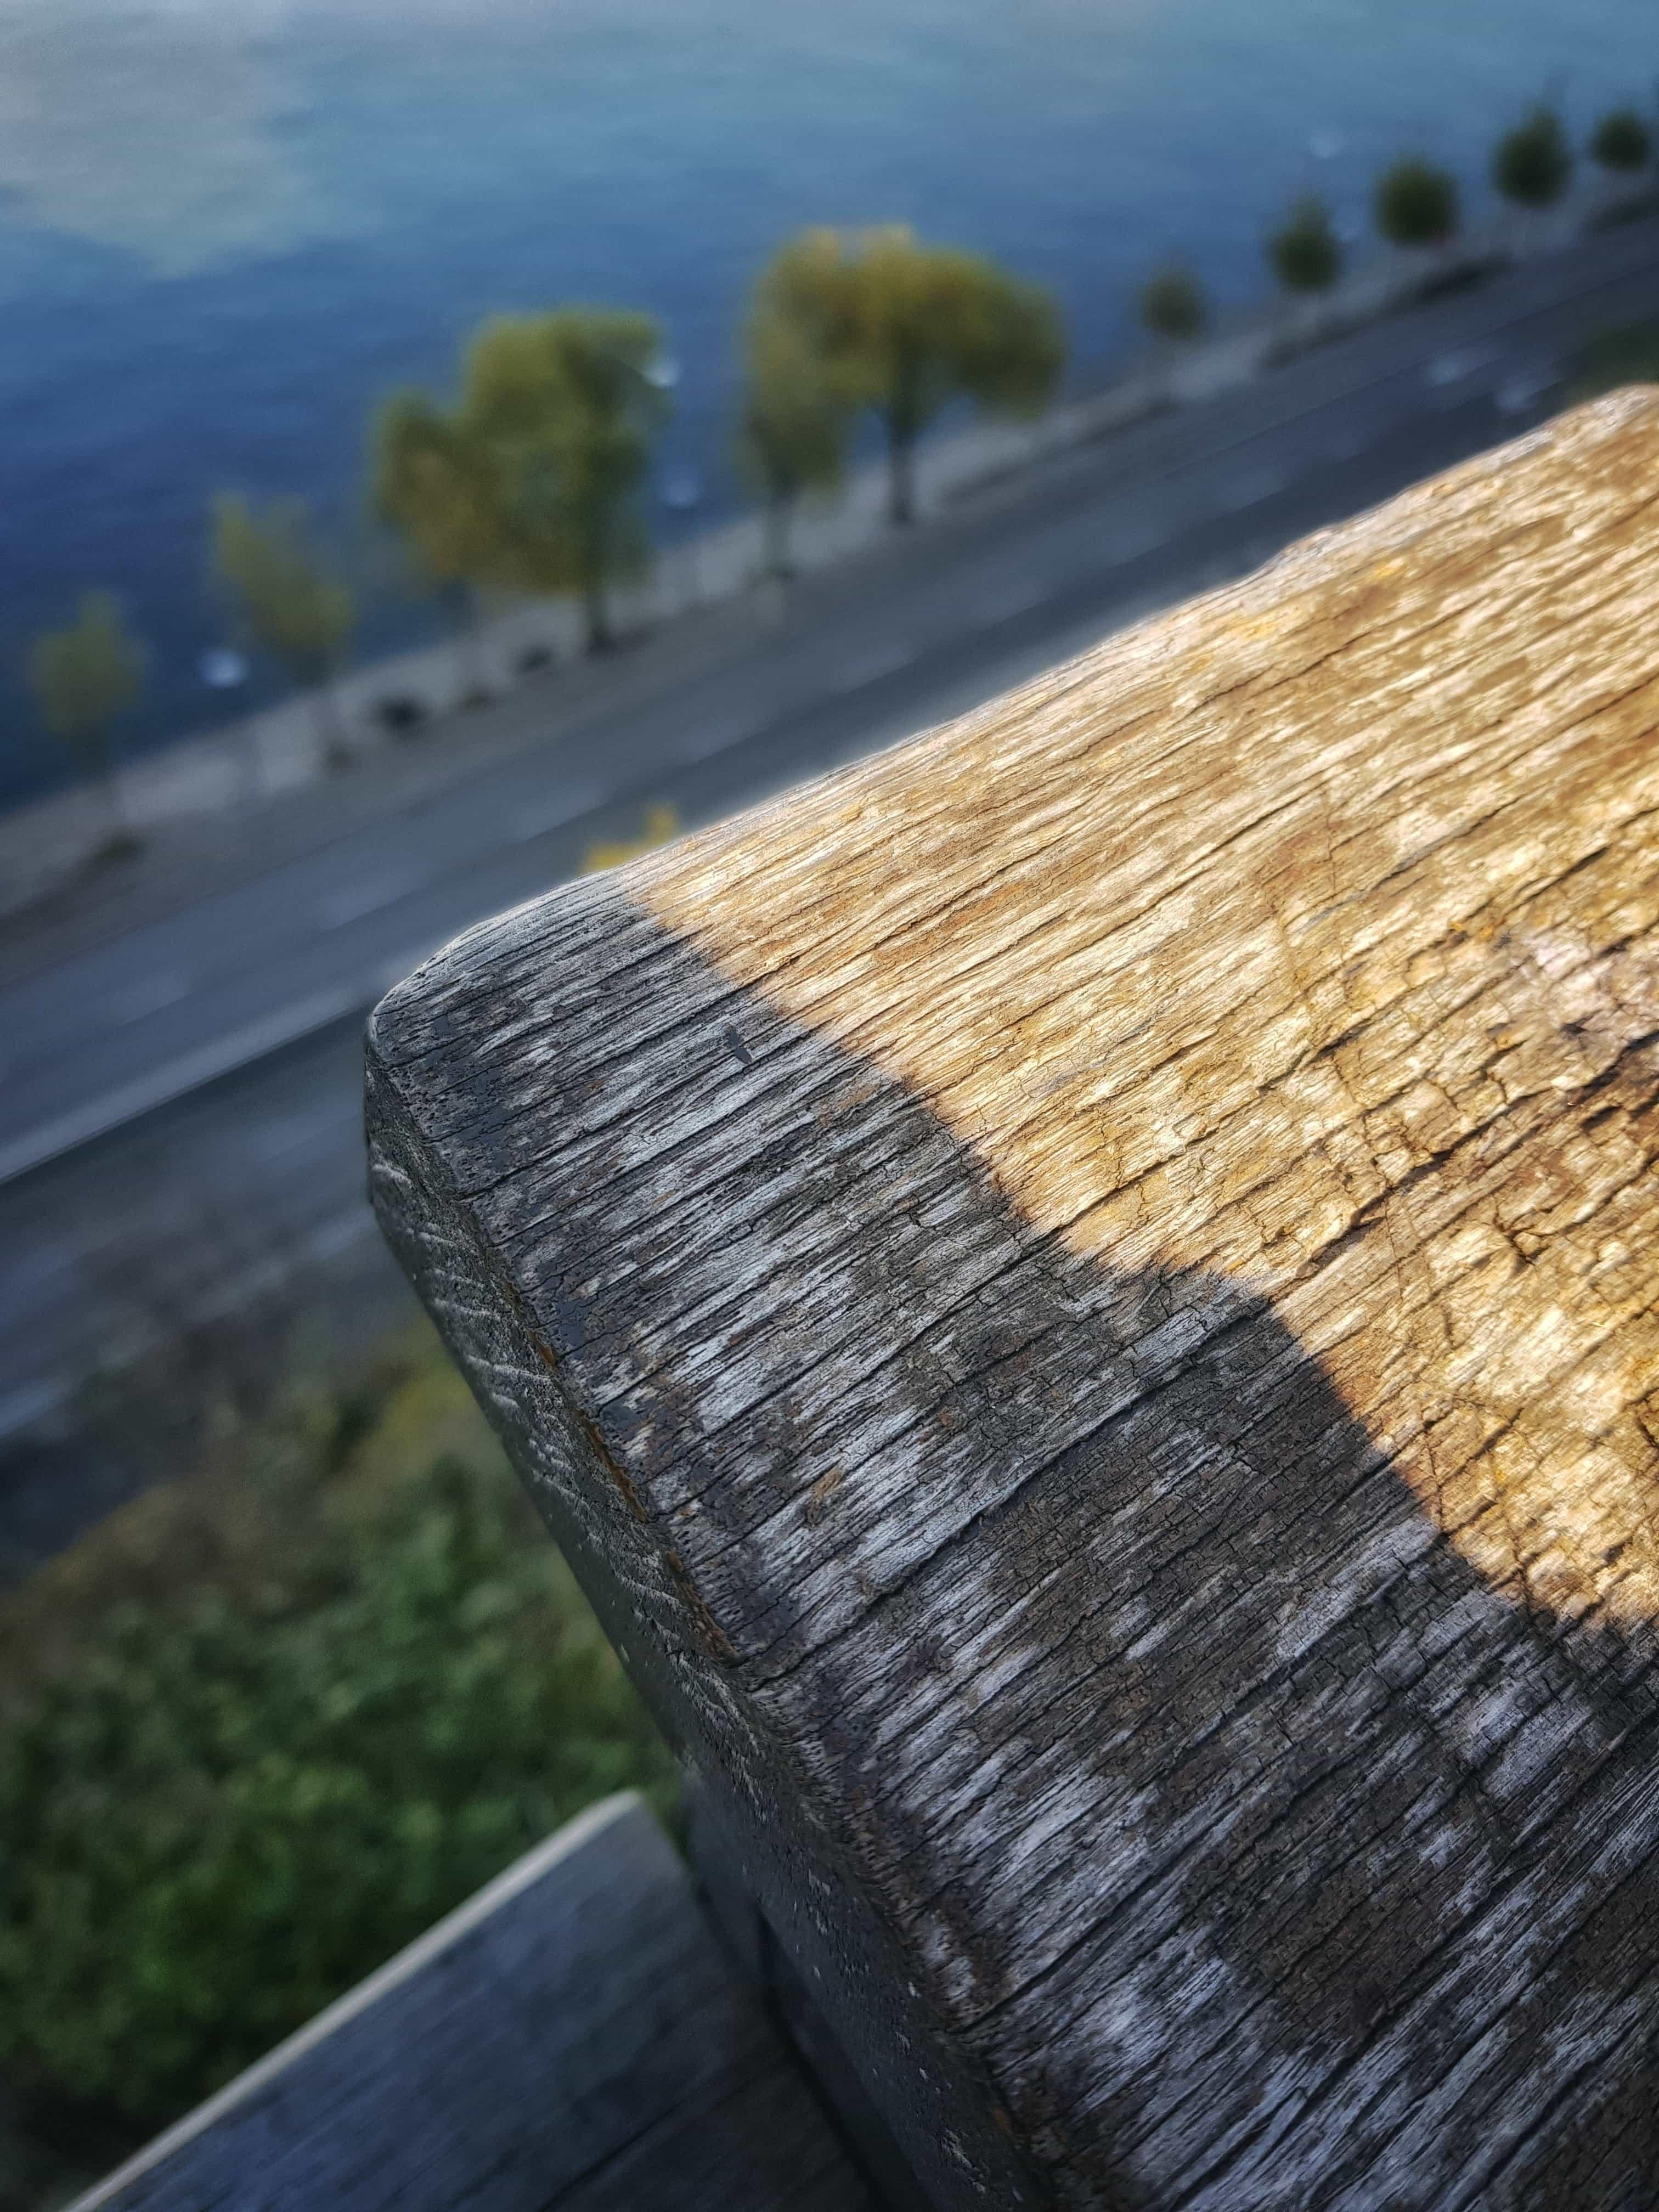 Detaljstudie av ett staket